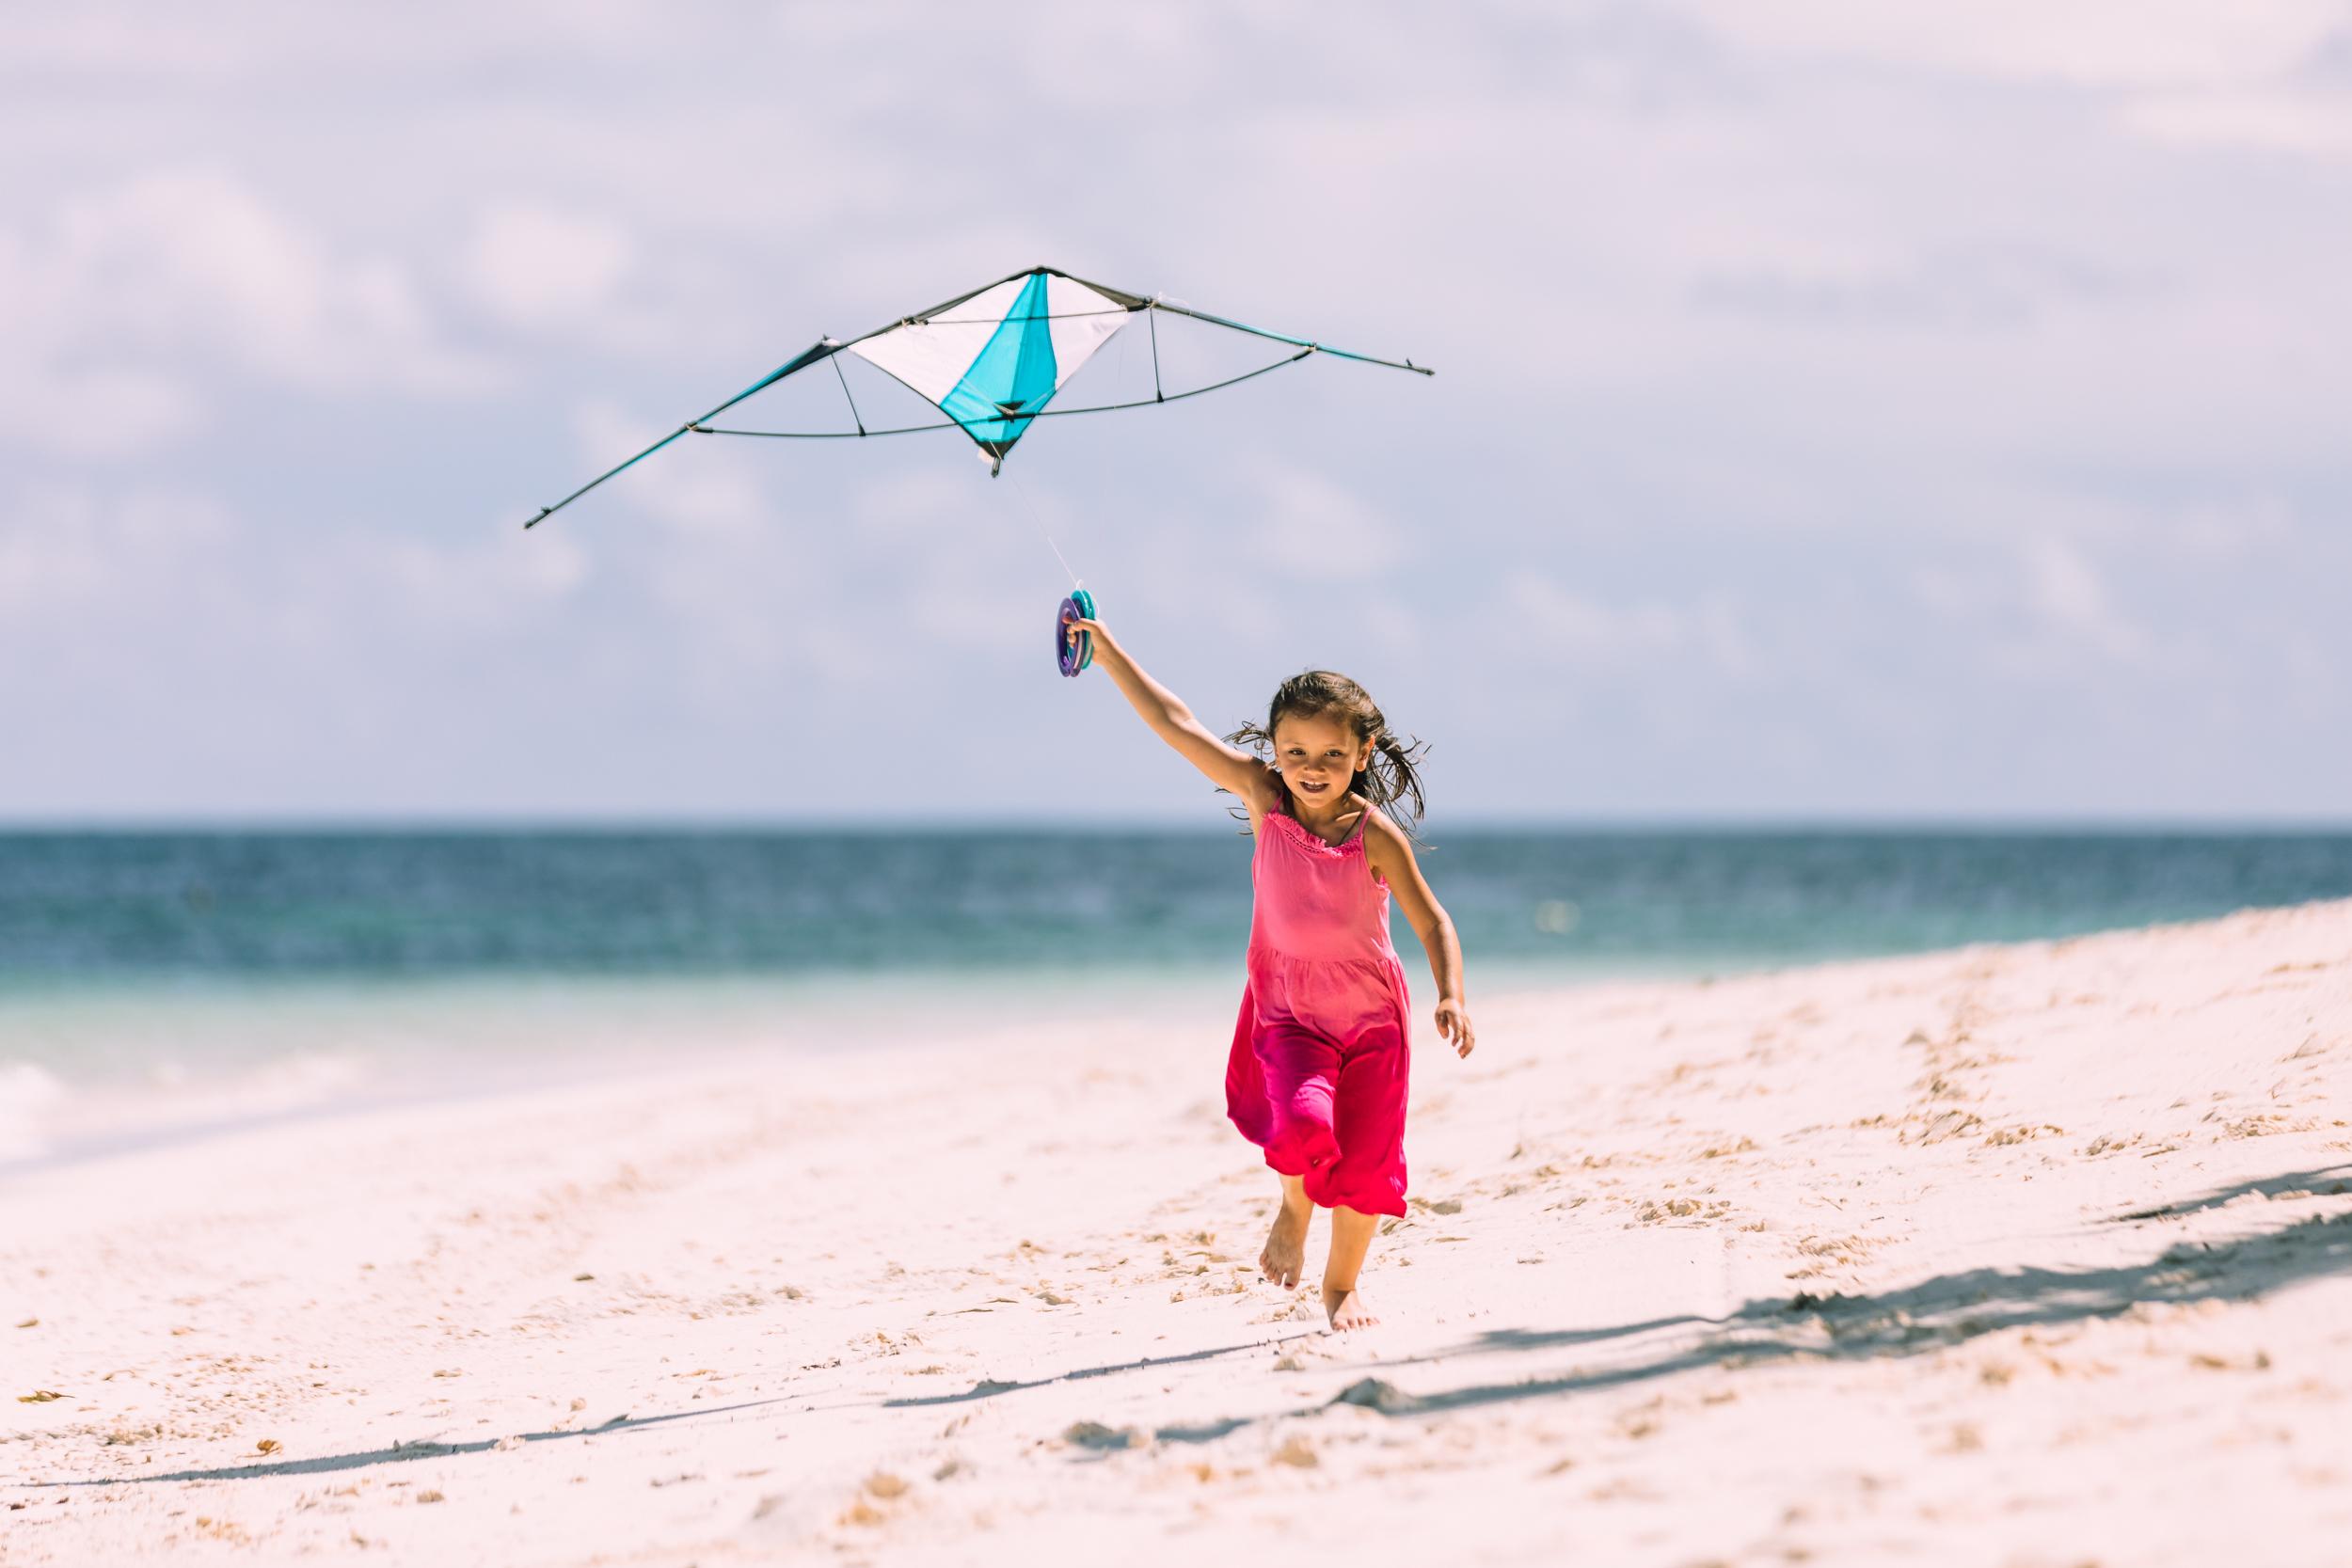 FS Desroches - Kite Flying - 2500px-2.jpg